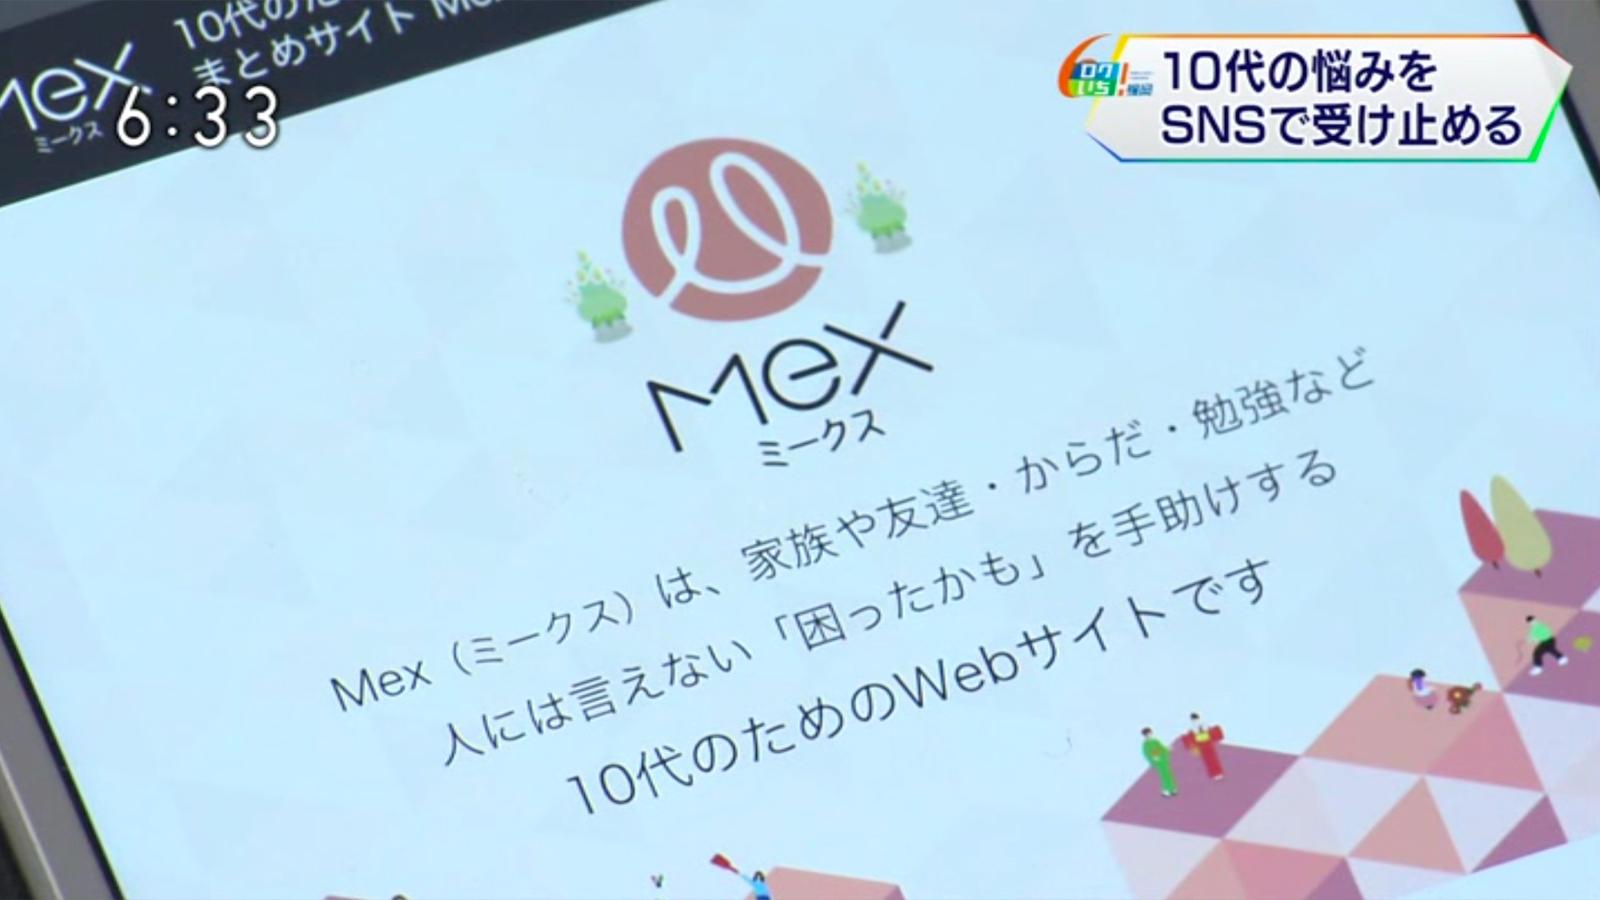 """""""Mex(ミークス)"""""""